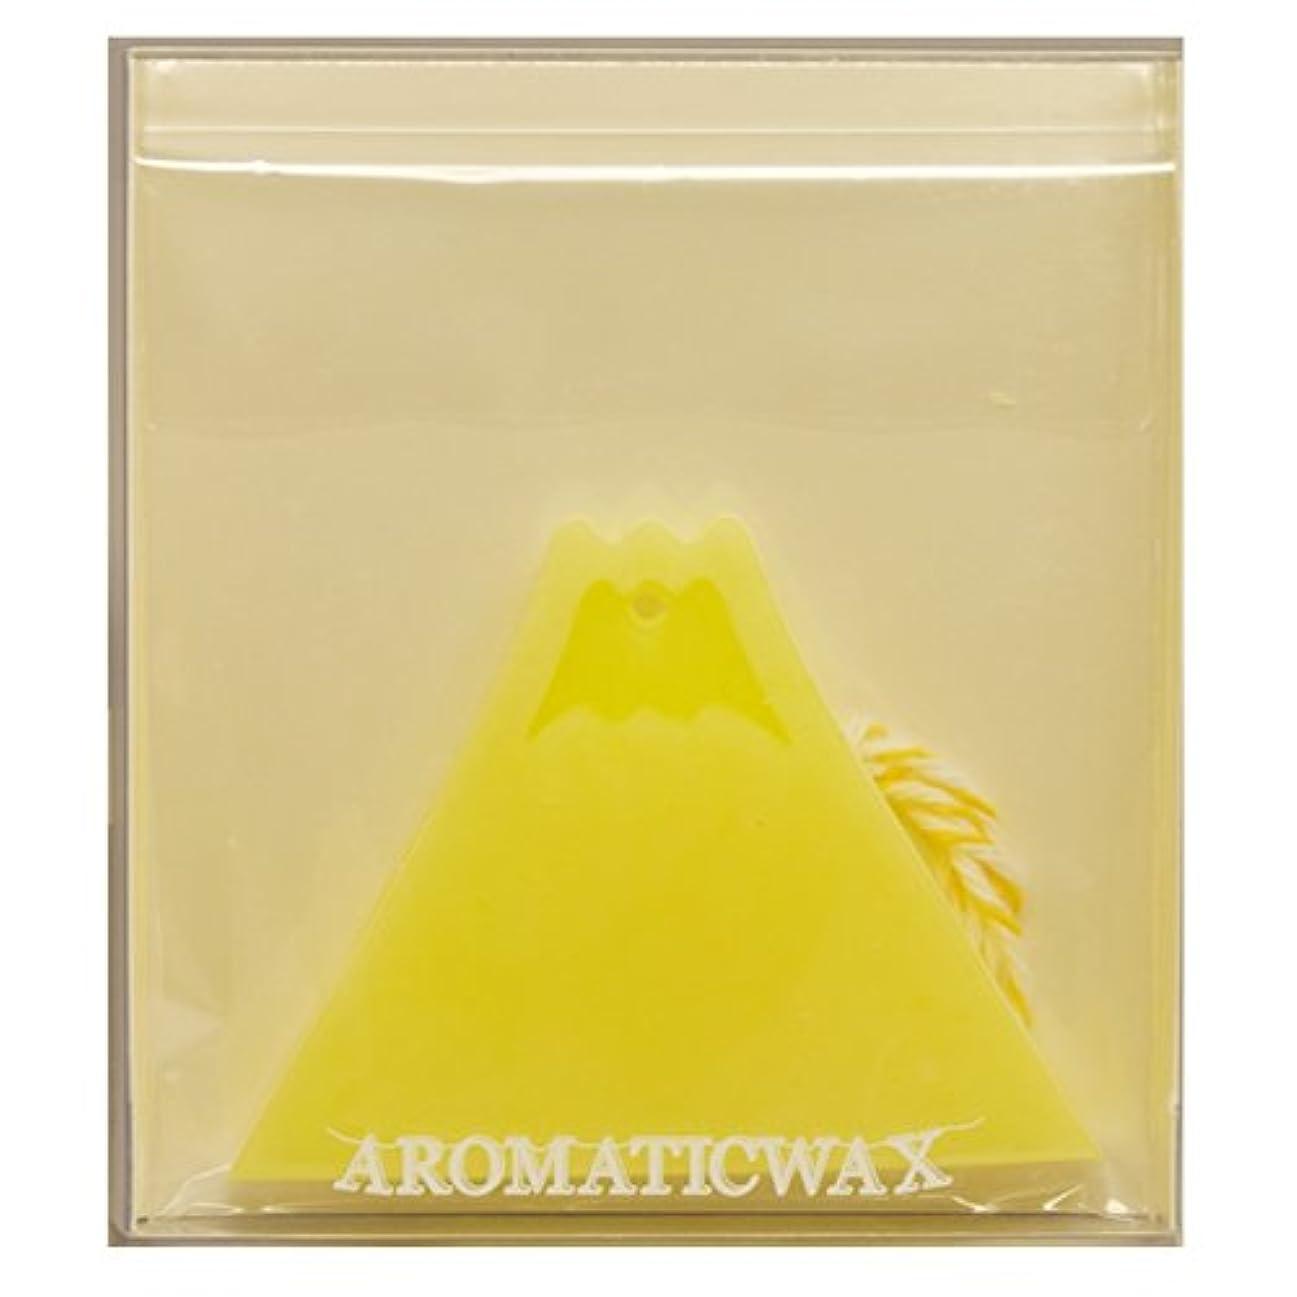 またね確認するミリメートルGRASSE TOKYO AROMATICWAXチャーム「富士山」(YE) ベルガモット アロマティックワックス グラーストウキョウ